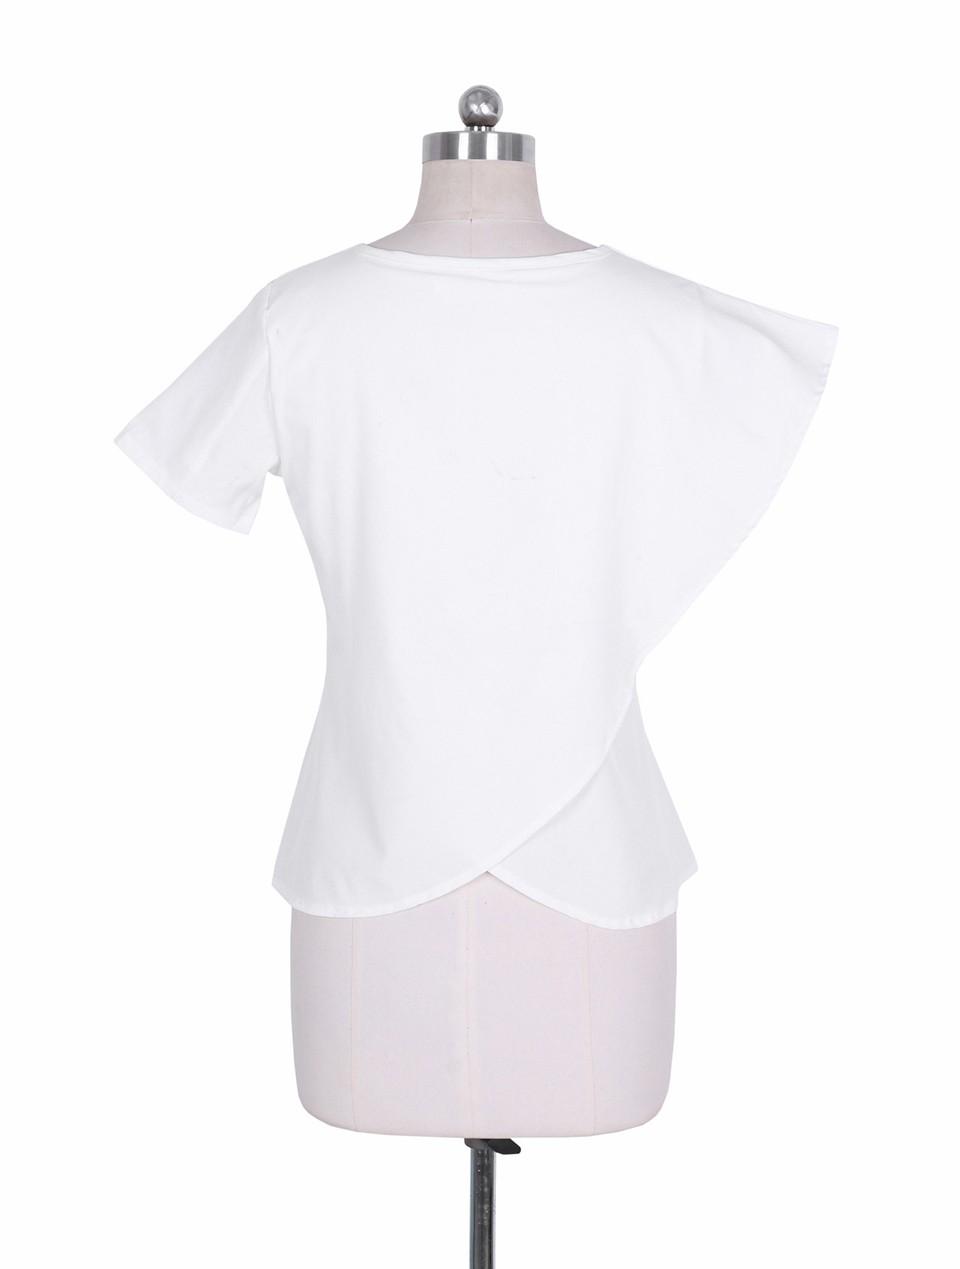 HTB1T5ejNpXXXXcPXpXXq6xXFXXXO - Short Sleeve White Chiffon Blouses Womens Clothing Summer